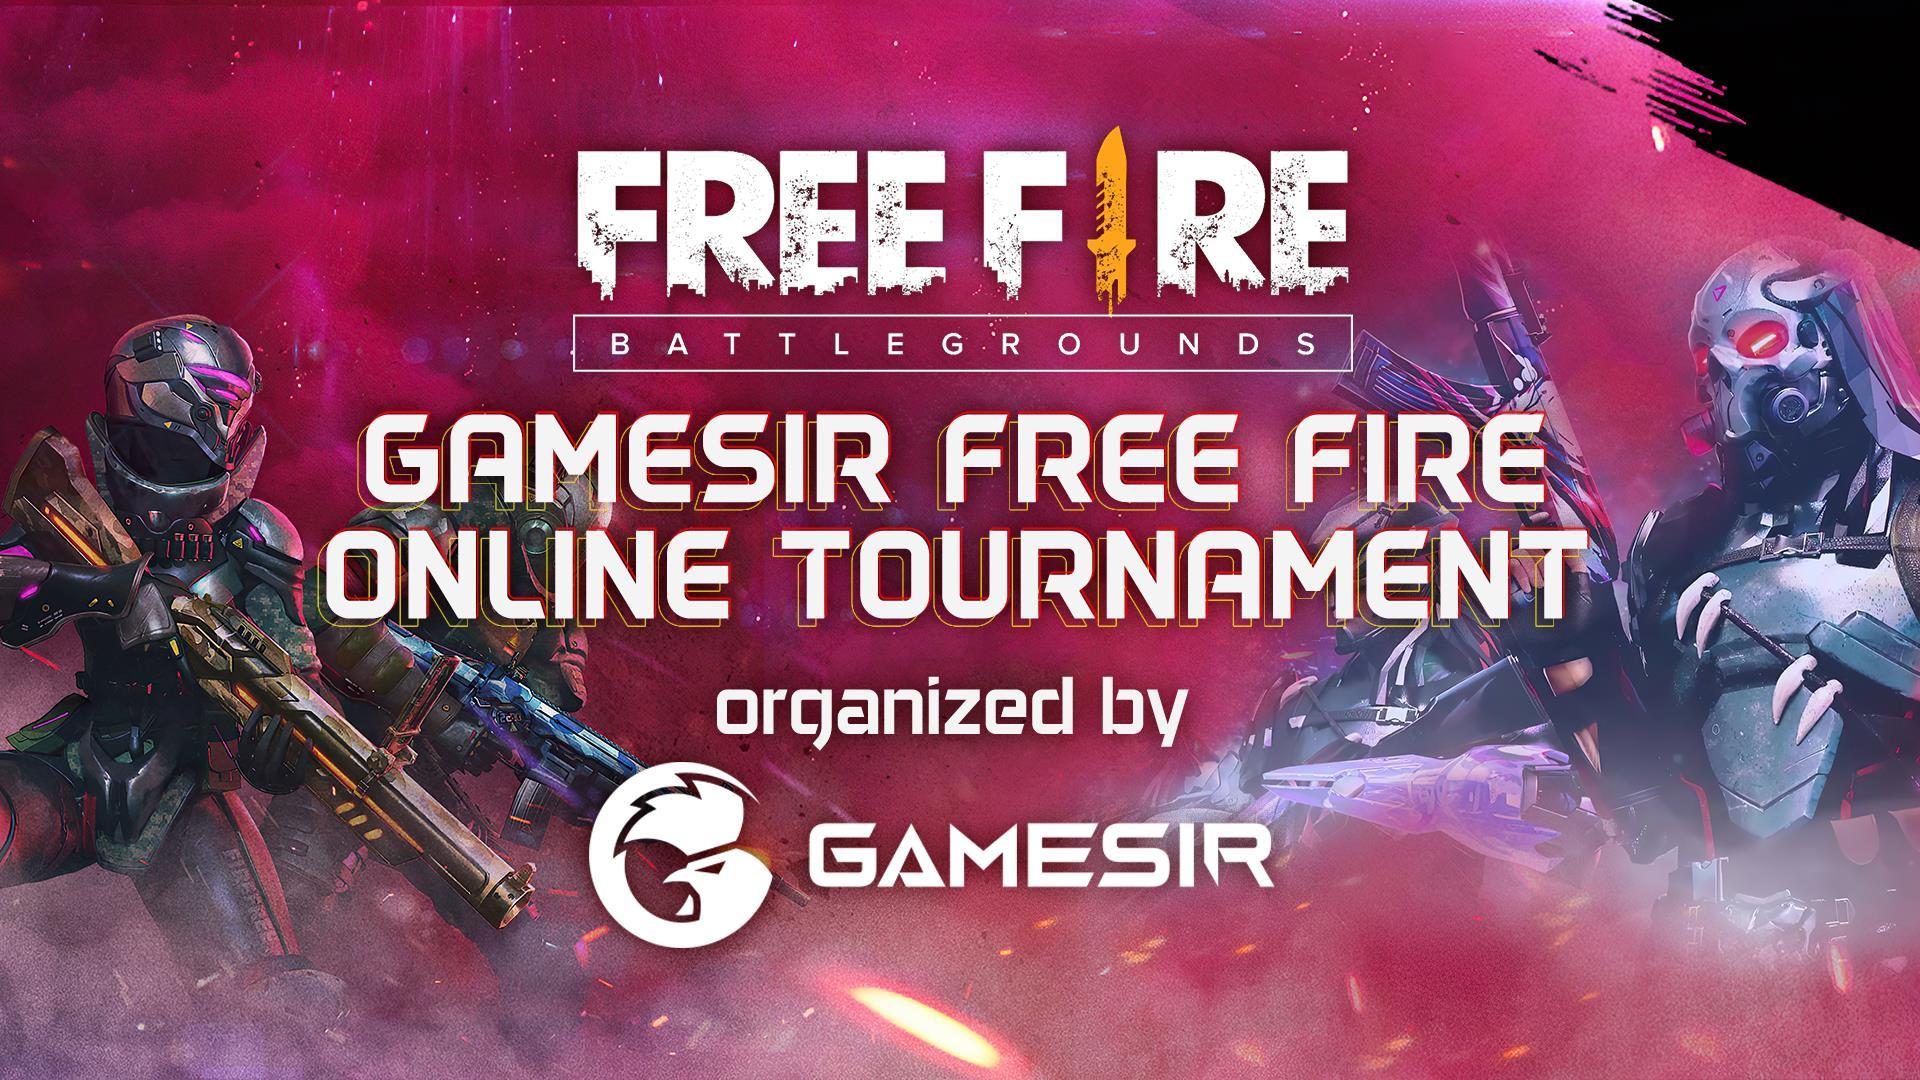 Gamesir Free Fire